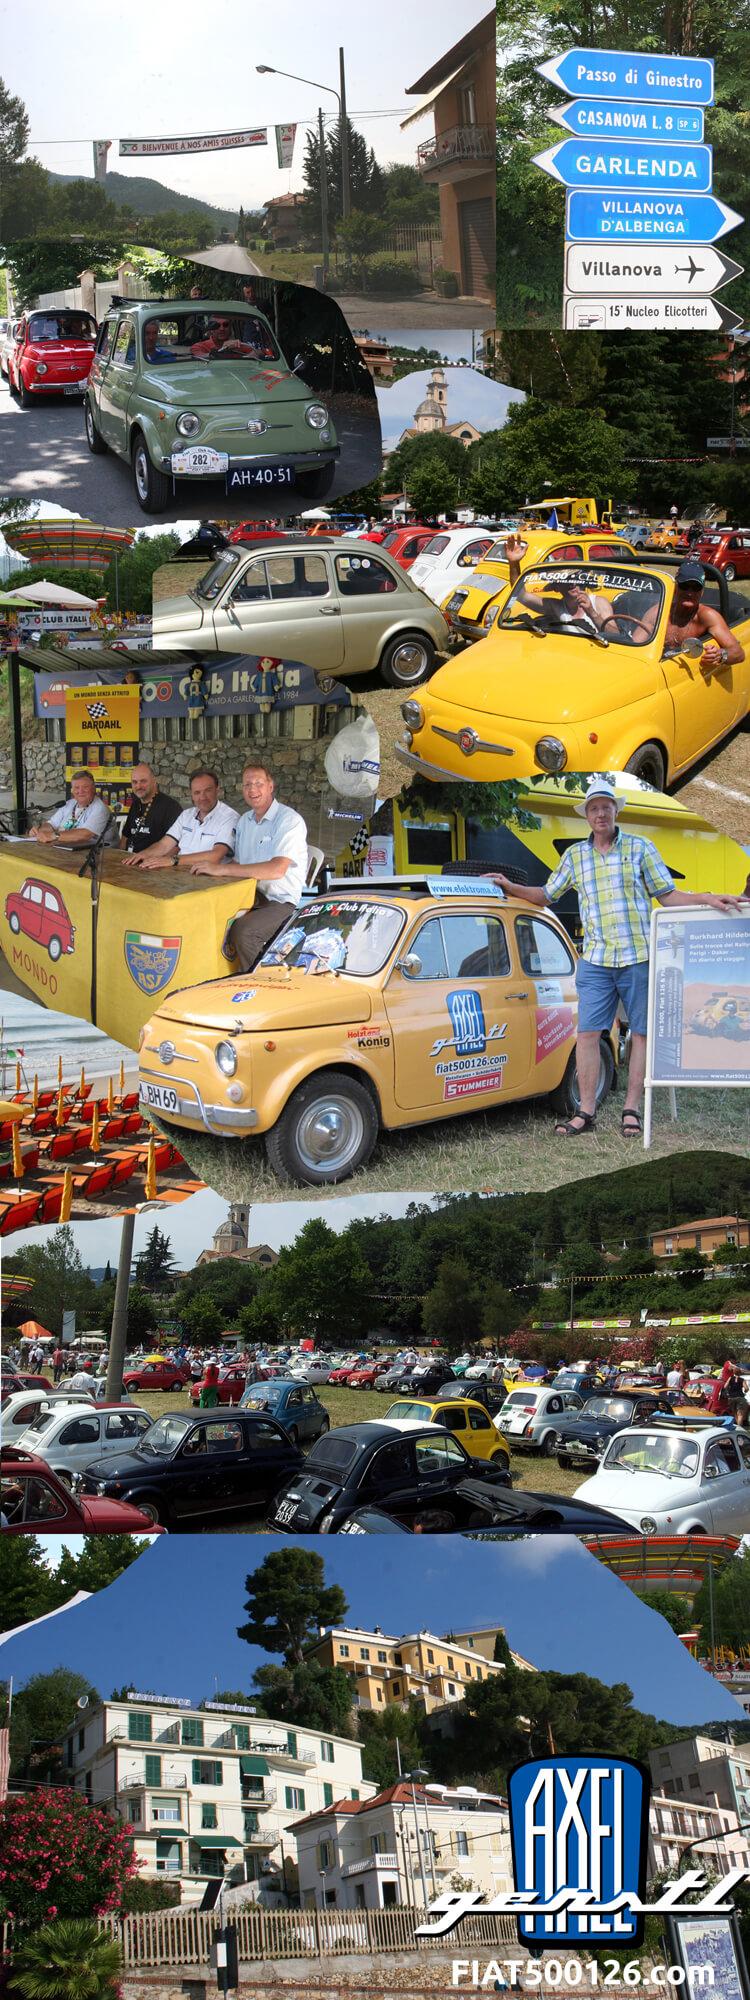 Das 35. internationale Fiat 500-Treffen in Garlenda